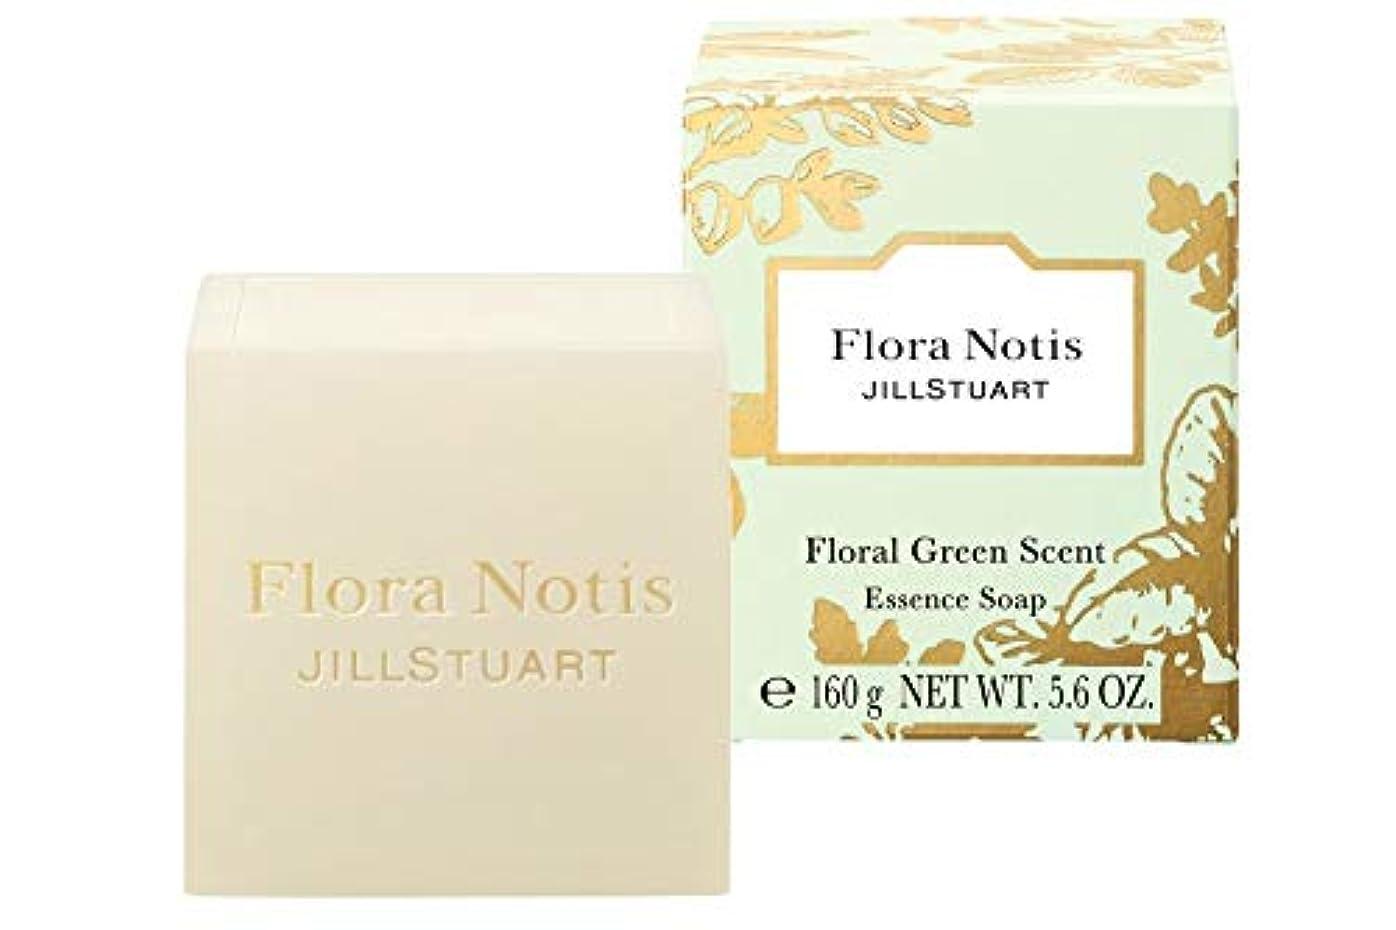 引用規定いわゆるFlora Notis JILL STUART フローラルグリーン エッセンスソープ